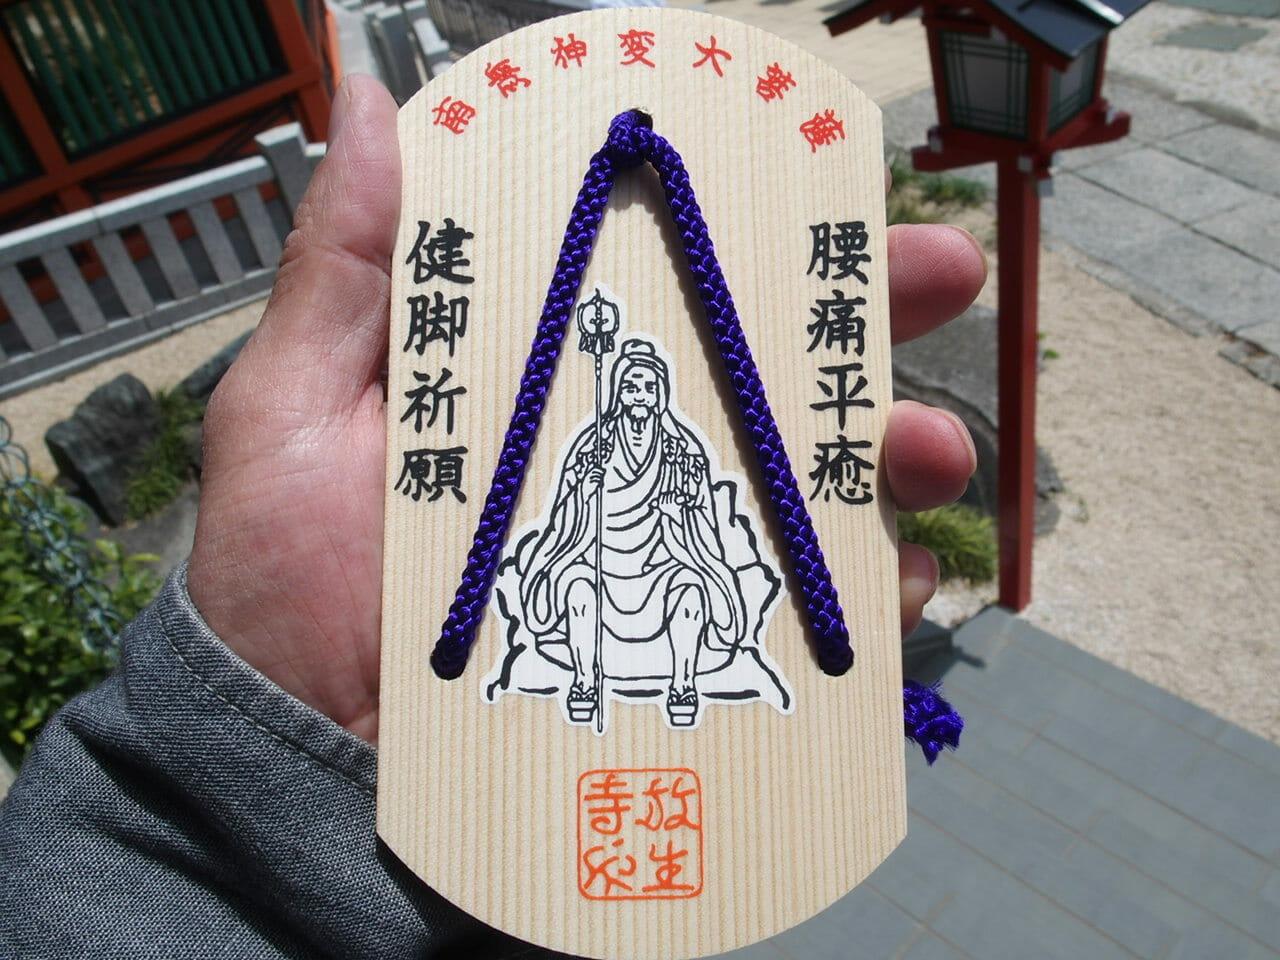 早稲田の放生寺の腰痛平癒の絵馬